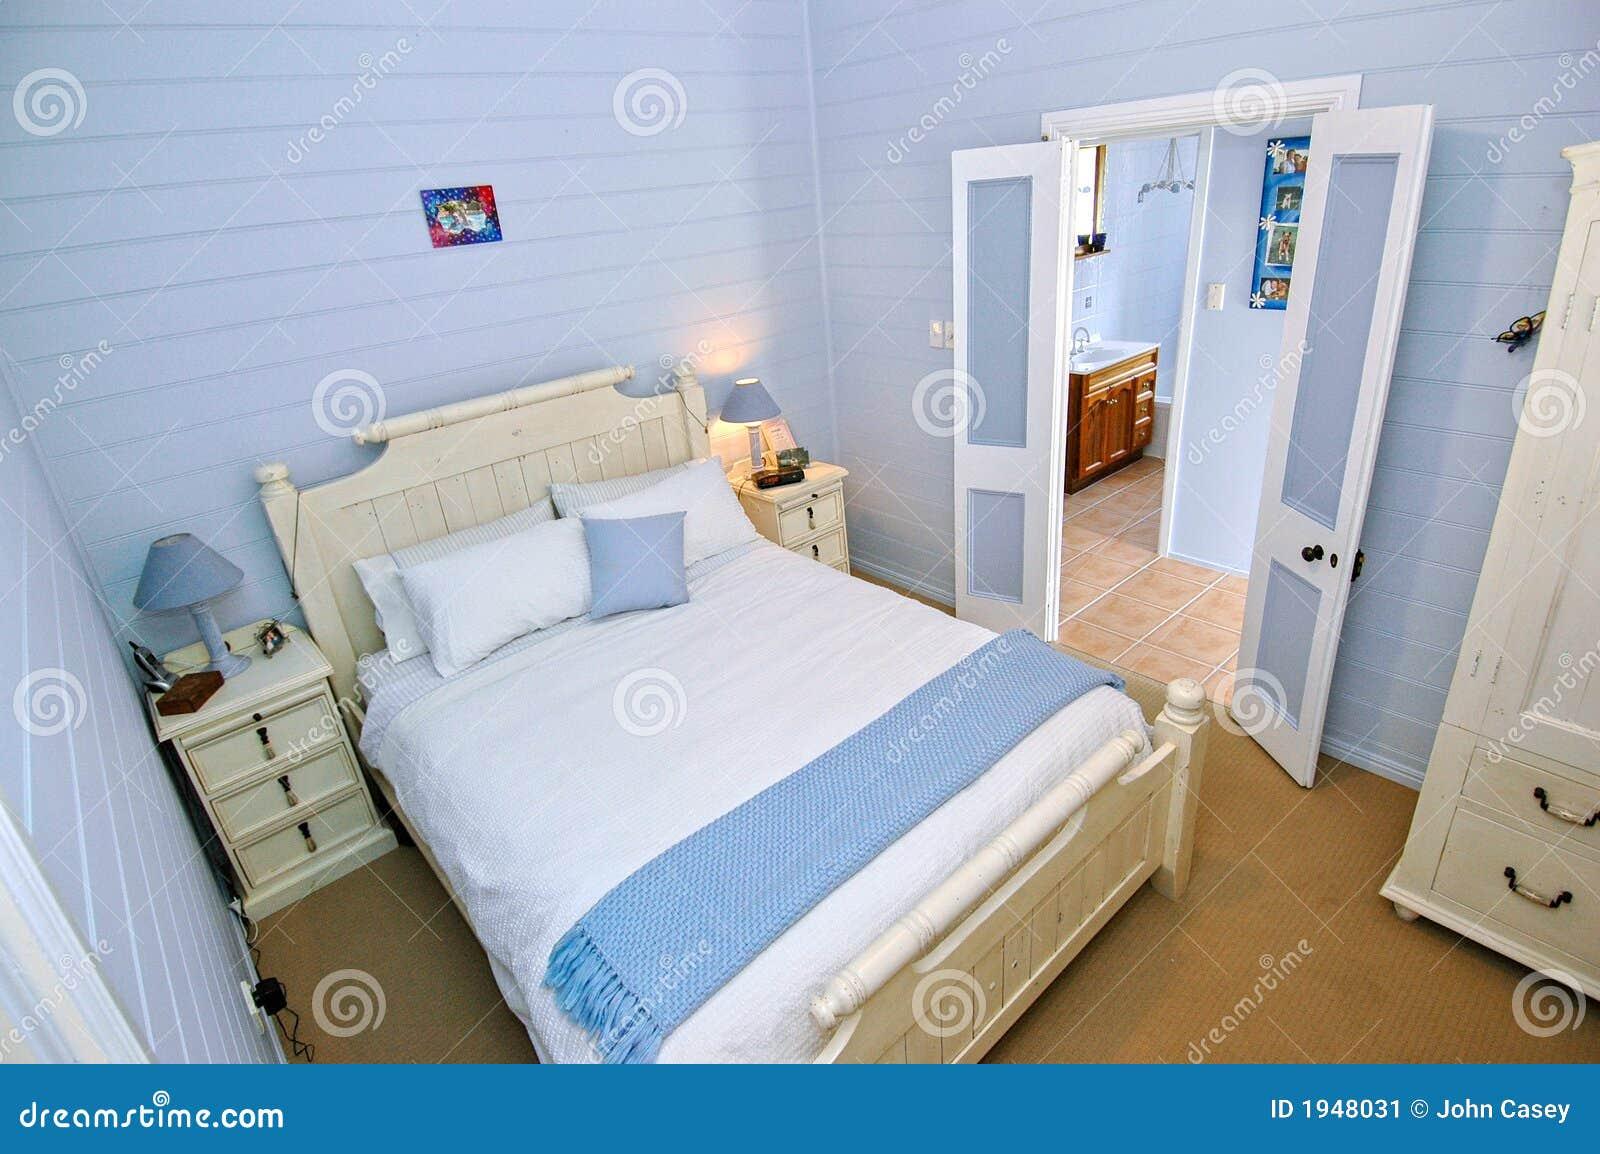 schlafzimmer mit hellblauen wänden stockbild - bild: 1948031, Schlafzimmer entwurf